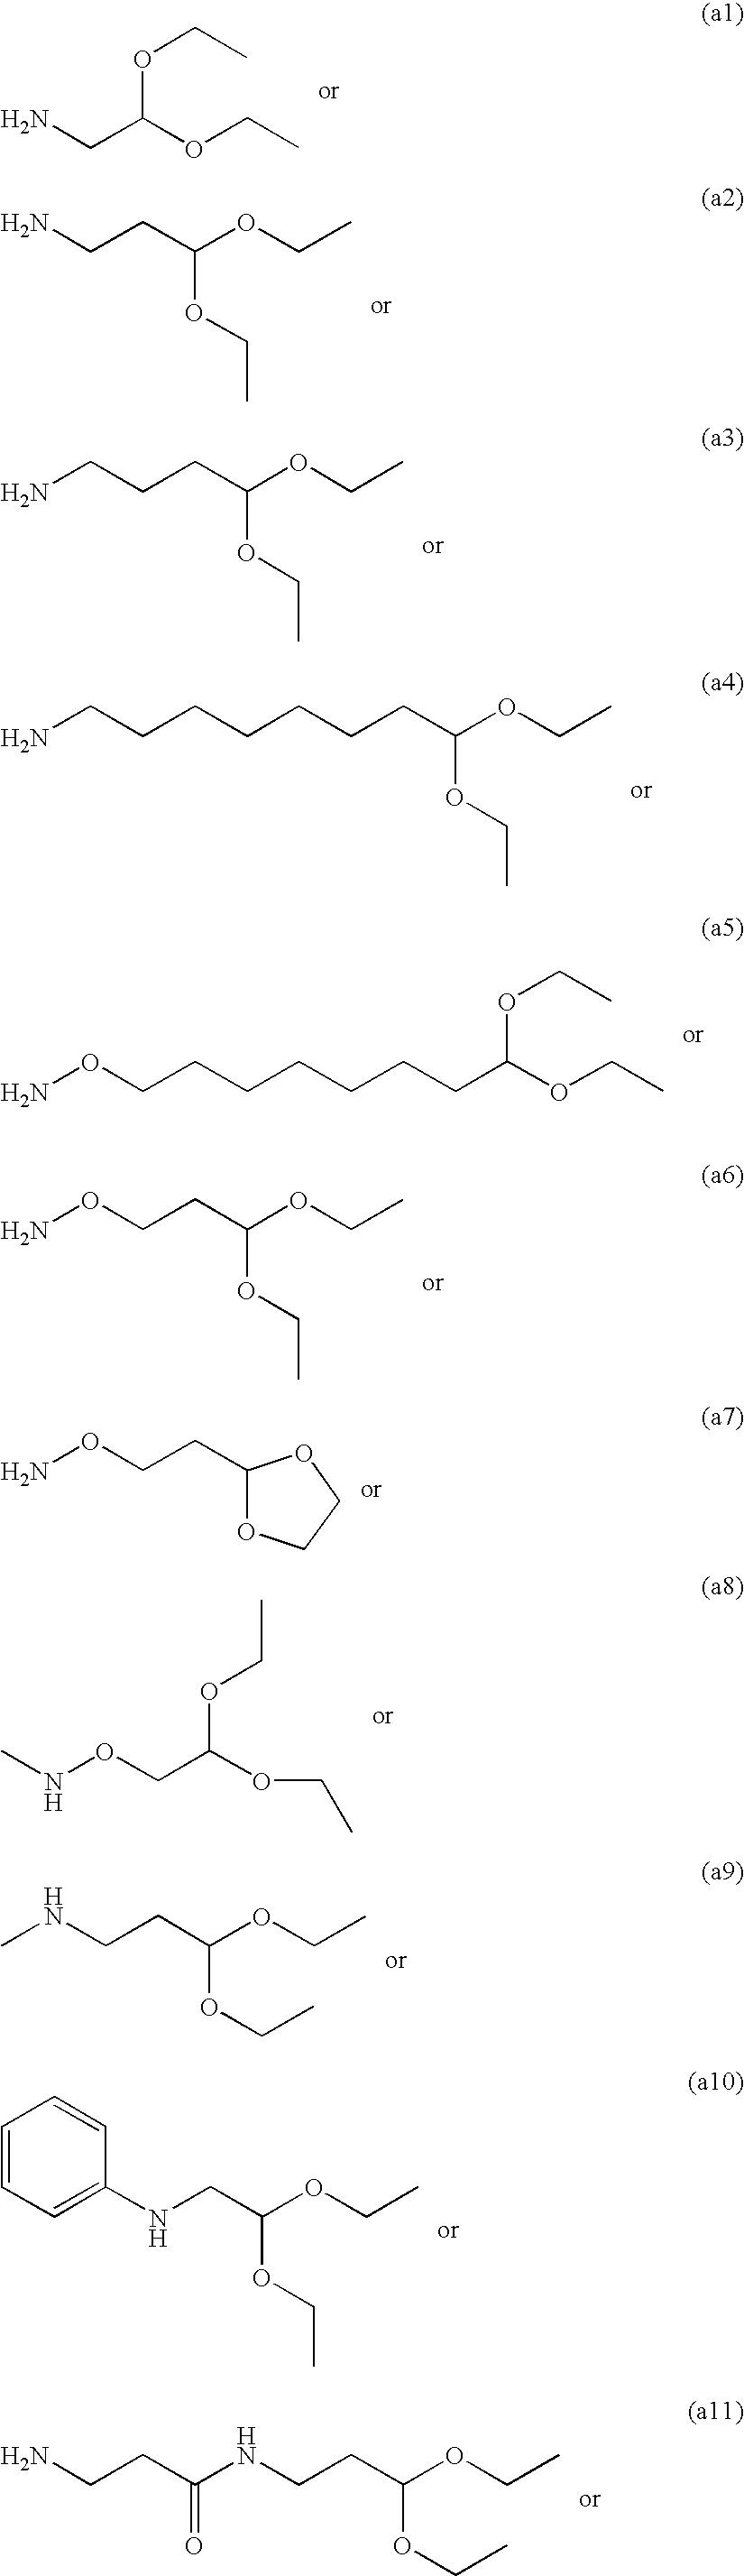 Figure US08404834-20130326-C00028